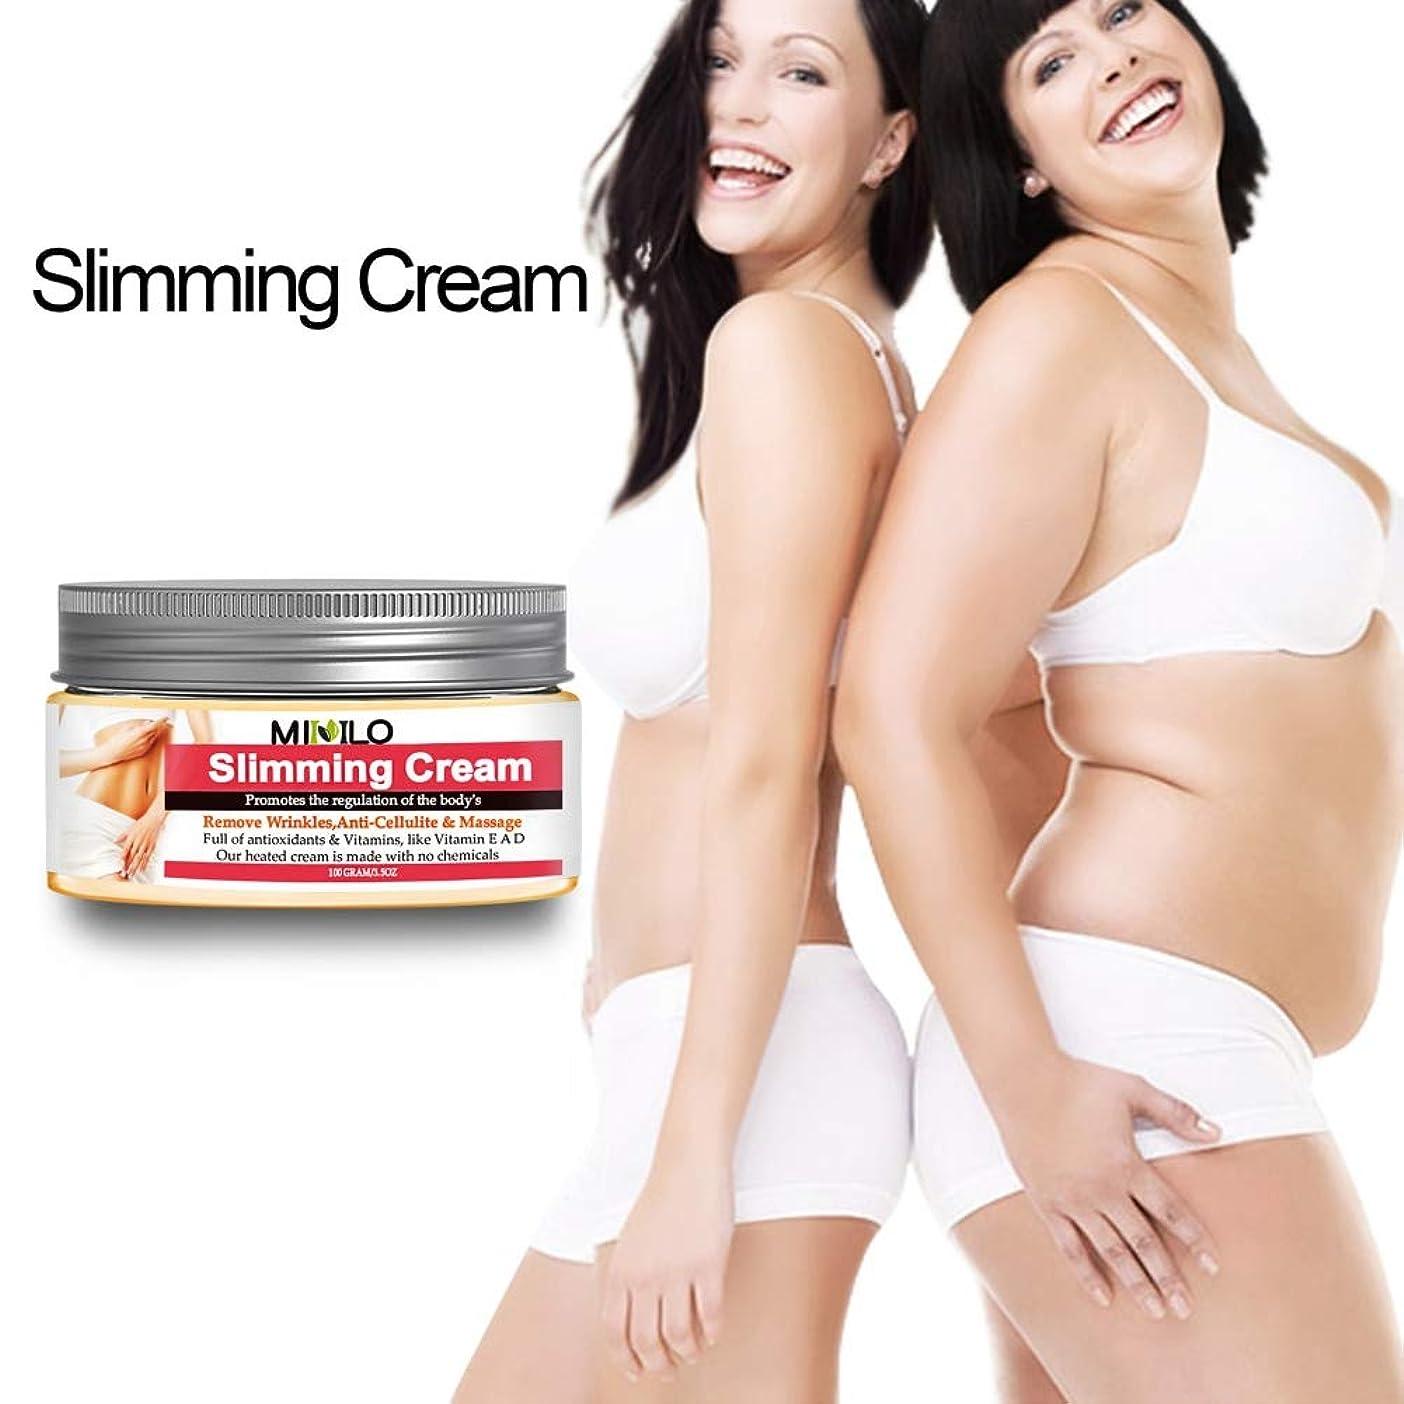 荒れ地蓋描写KISSION スリミングクリーム 脂肪燃焼 肌に栄養を与える ストーブパイプ 細い腕 ボディファーミングクリーム 減量クリーム ウエストボディクリーム